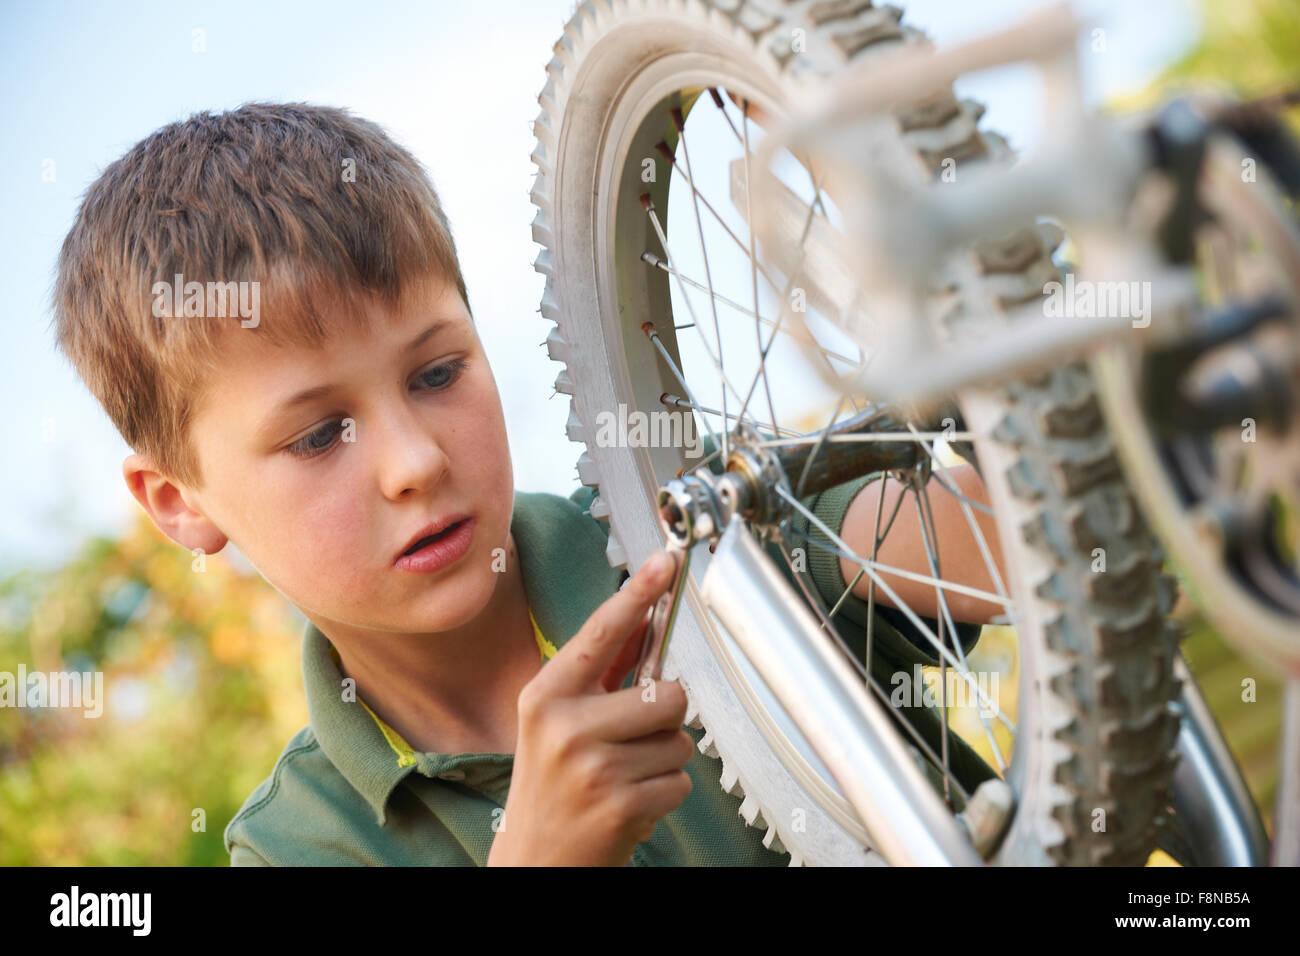 Boy Fixing Wheel Of Bike Stock Photo